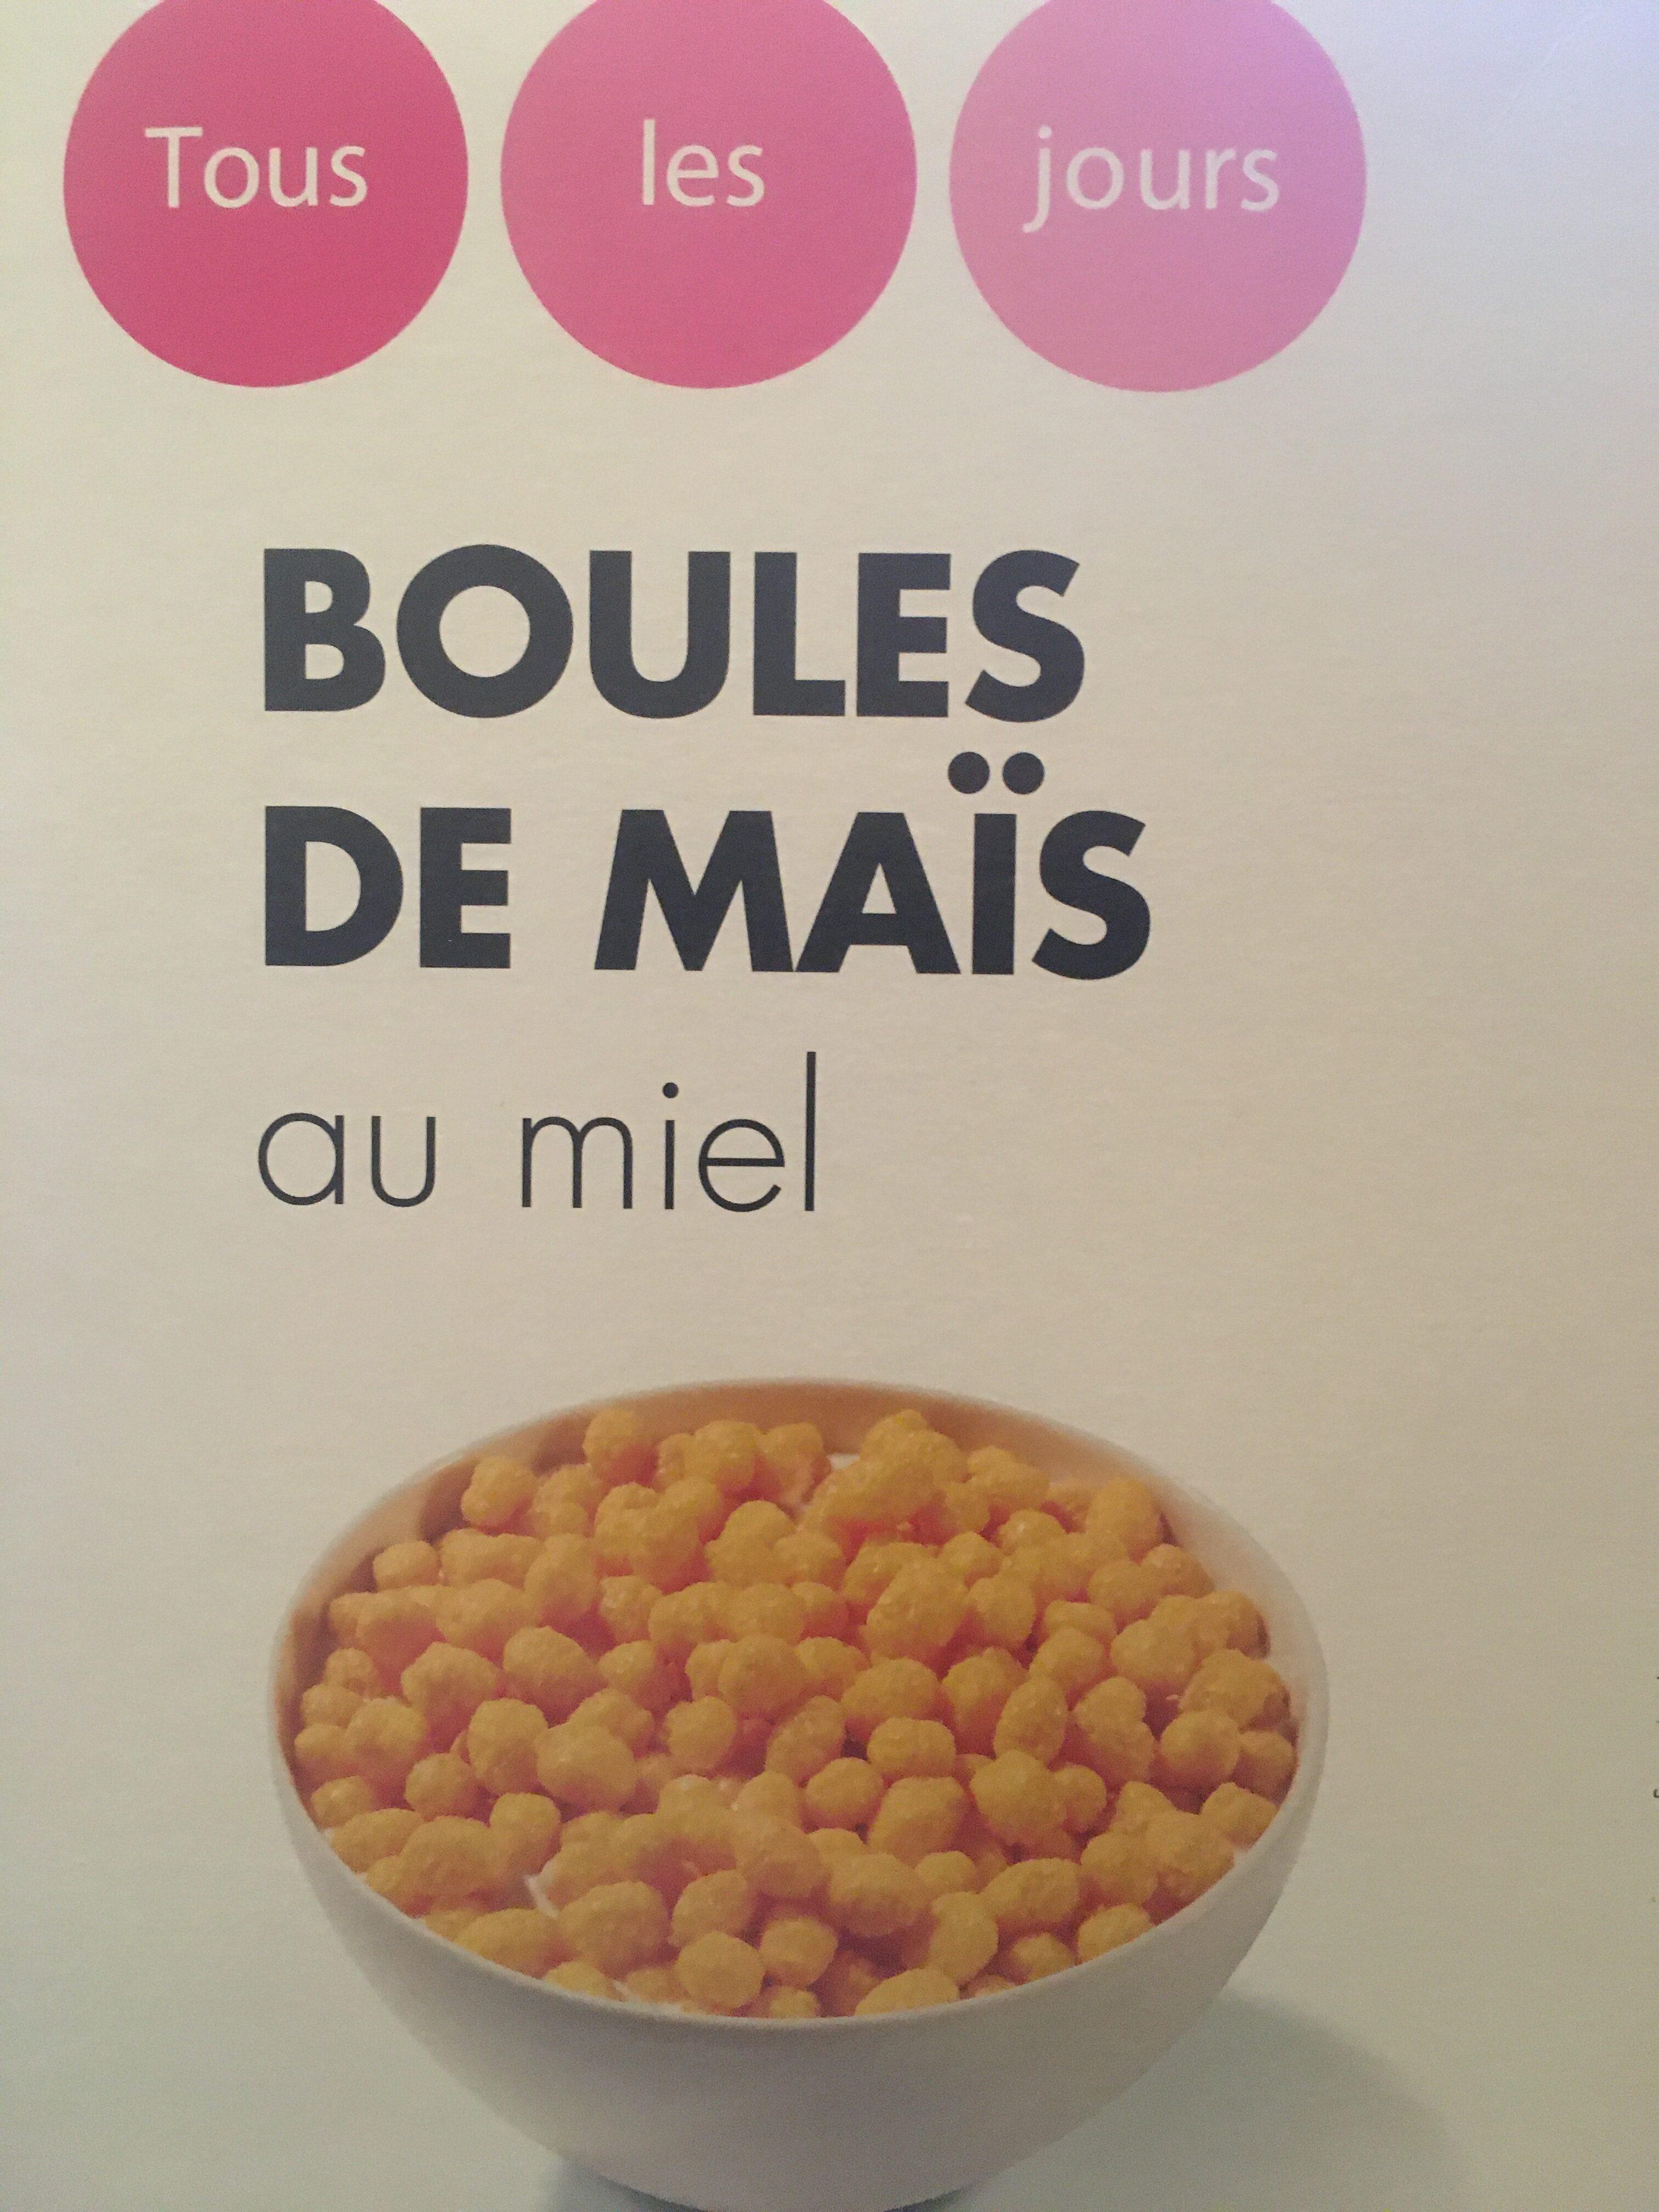 Boules de maïs au miel - Product - fr